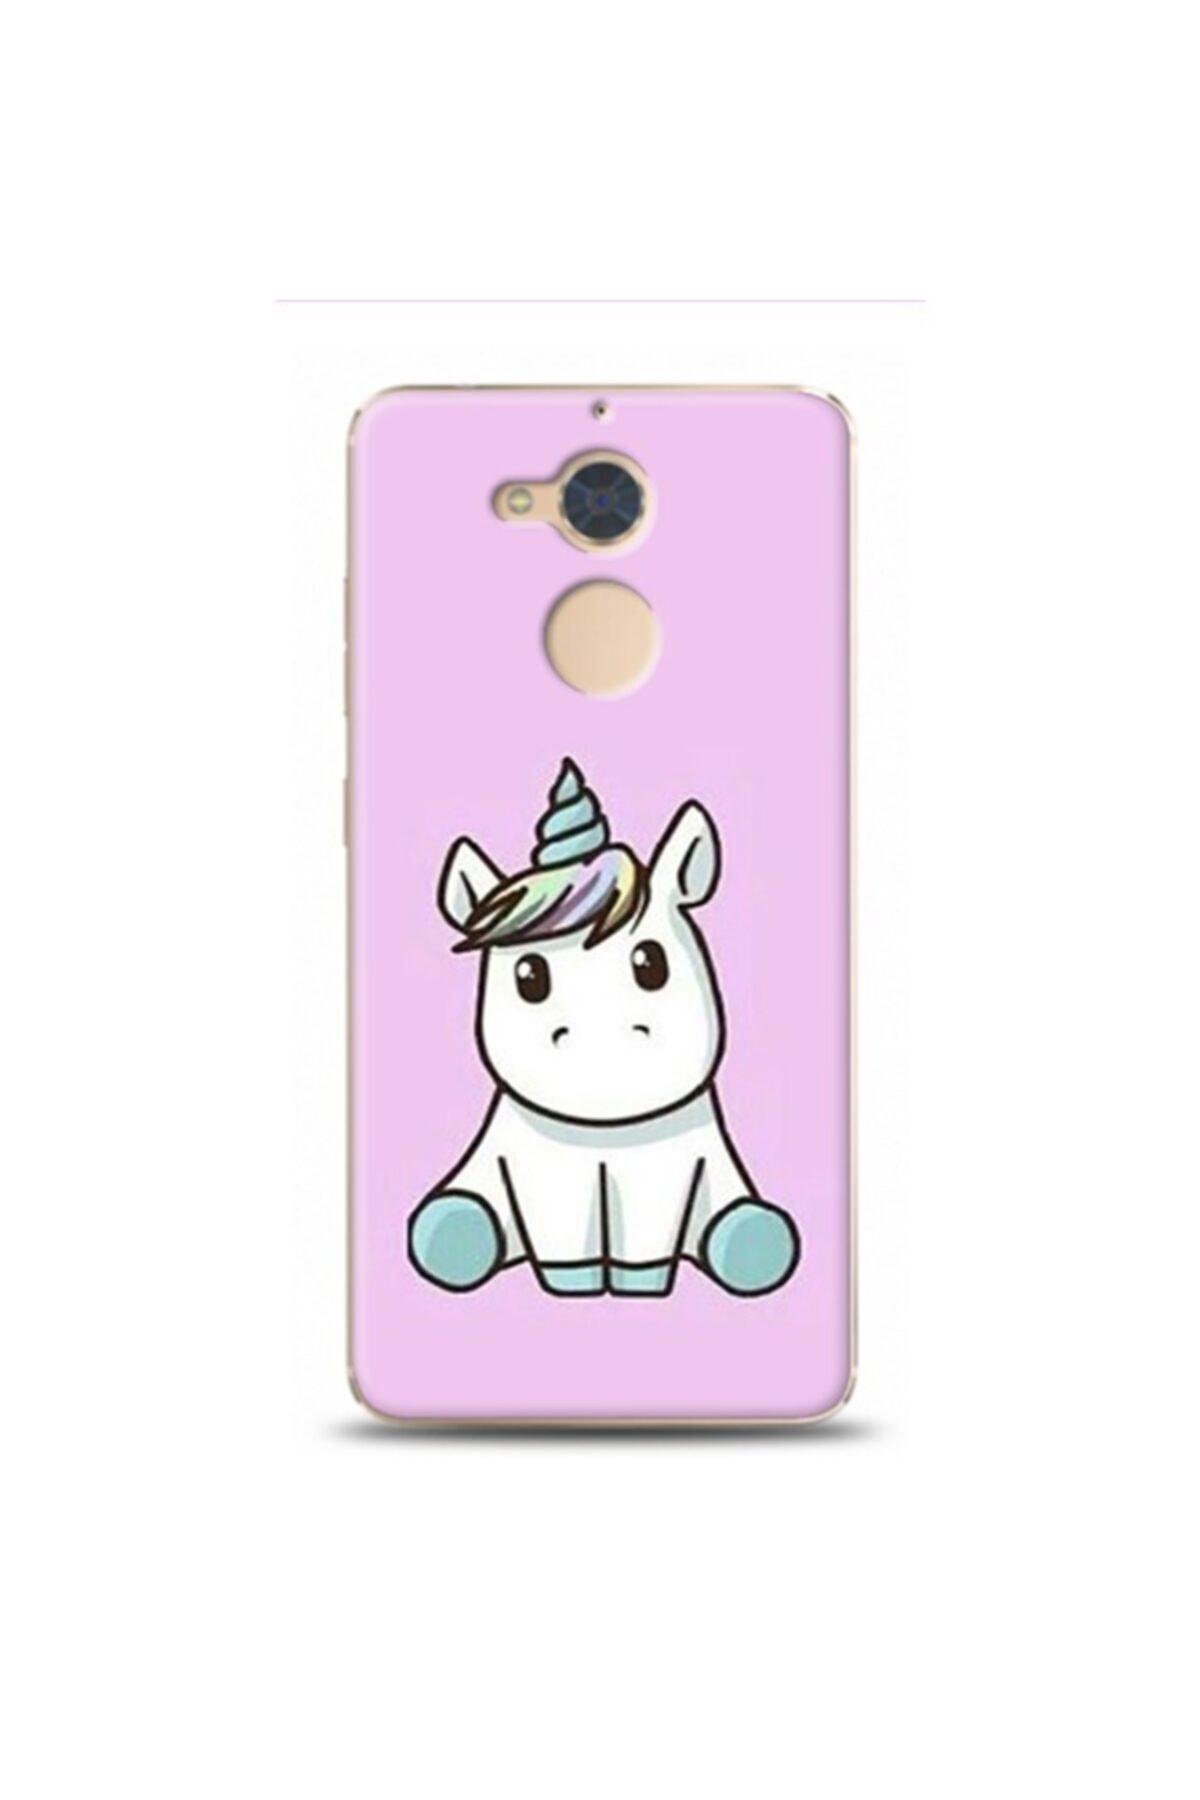 EXCLUSIVE Casper Via A1 Cutie Unicorn Desenli Telefon Kılıfı 1